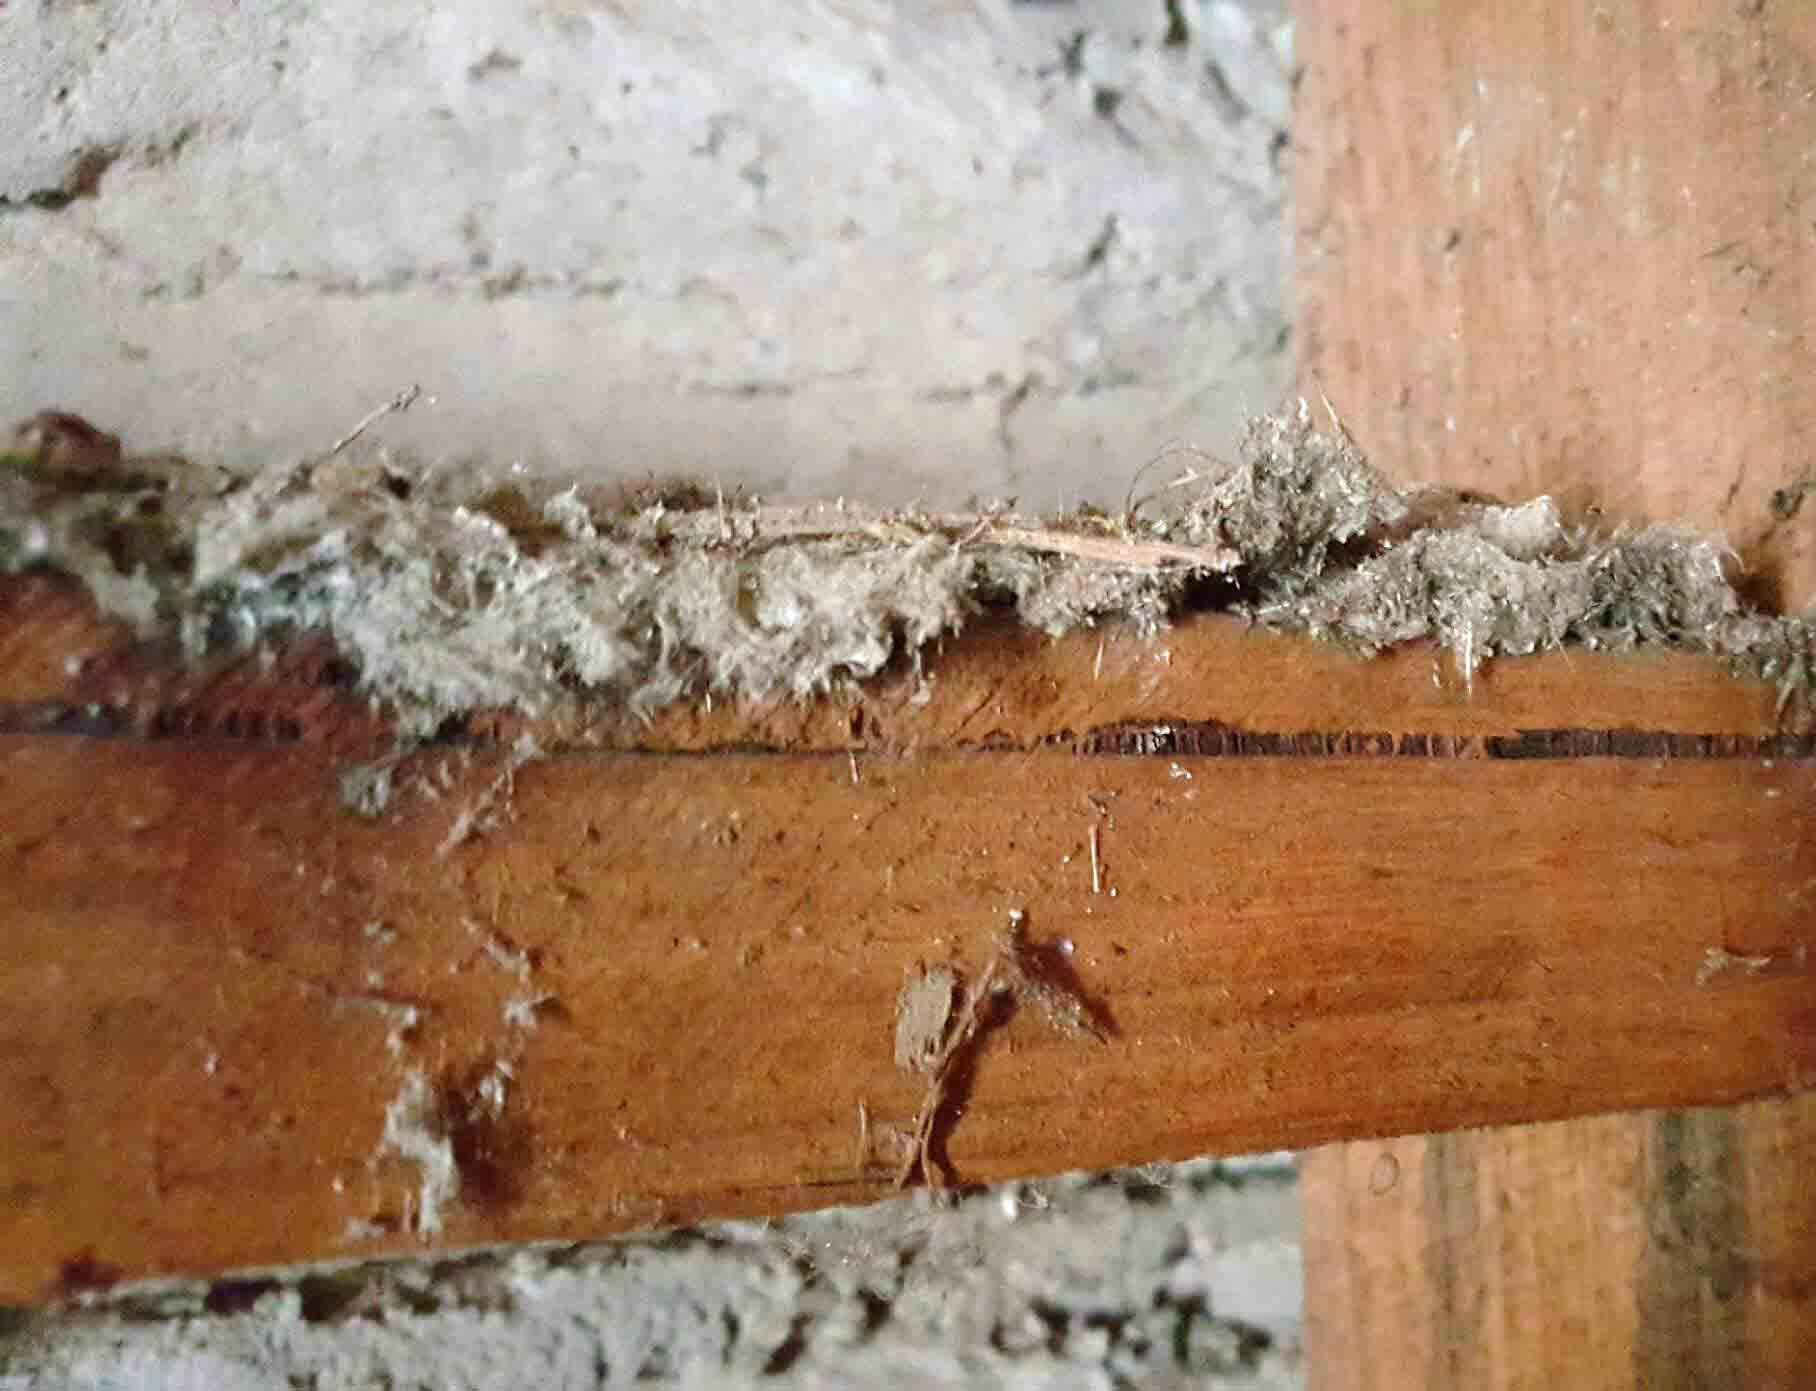 Reasons why asbestos is dangerous